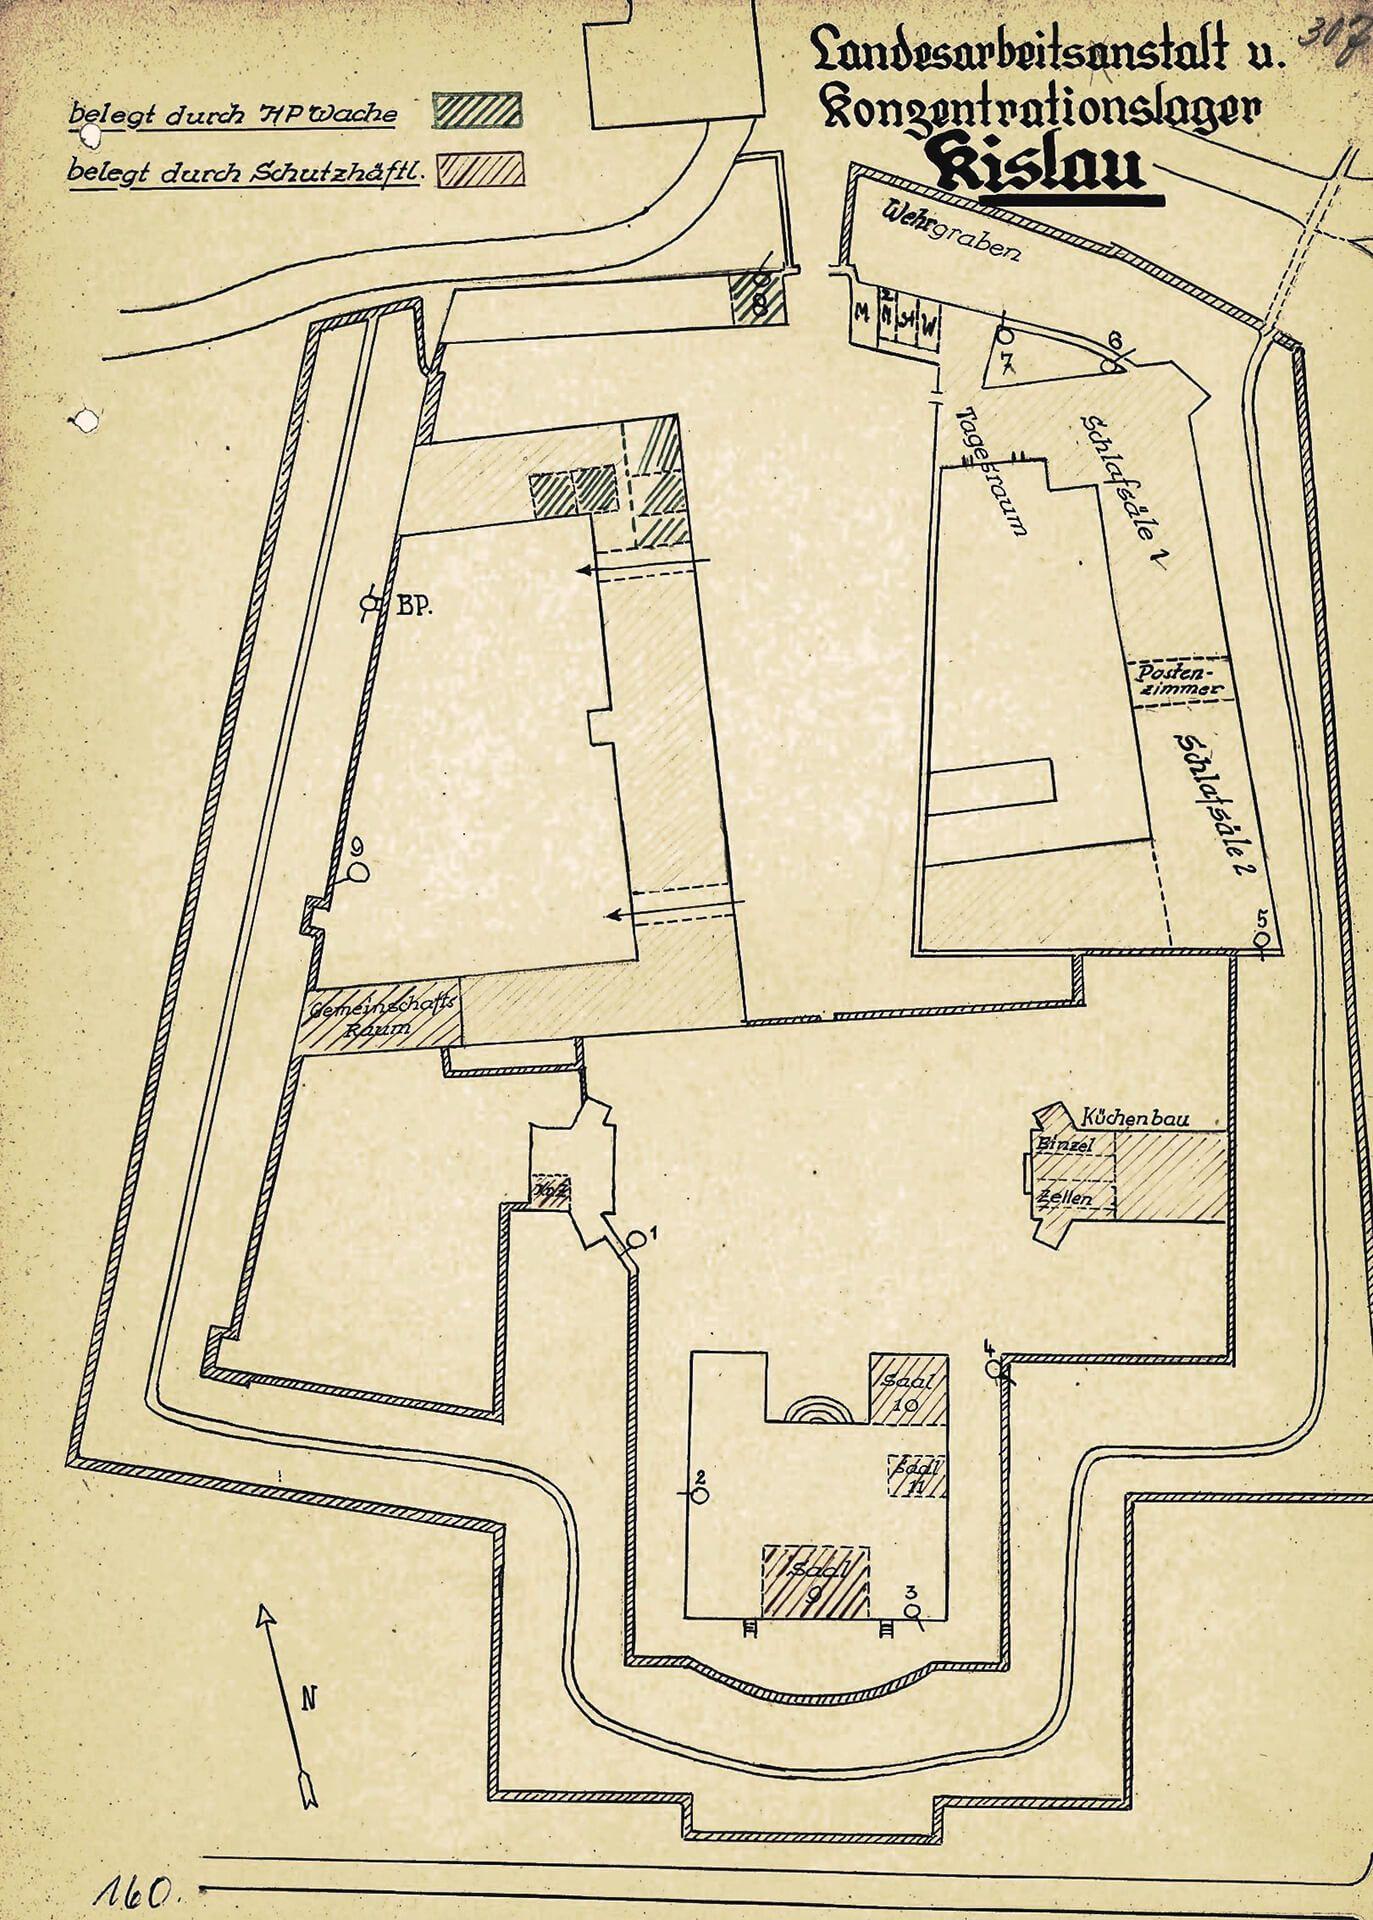 """Historischer Lageplan """"Landesarbeitsanstalt u. Konzentrationslager Kislau"""" aus dem Jahr 1933"""